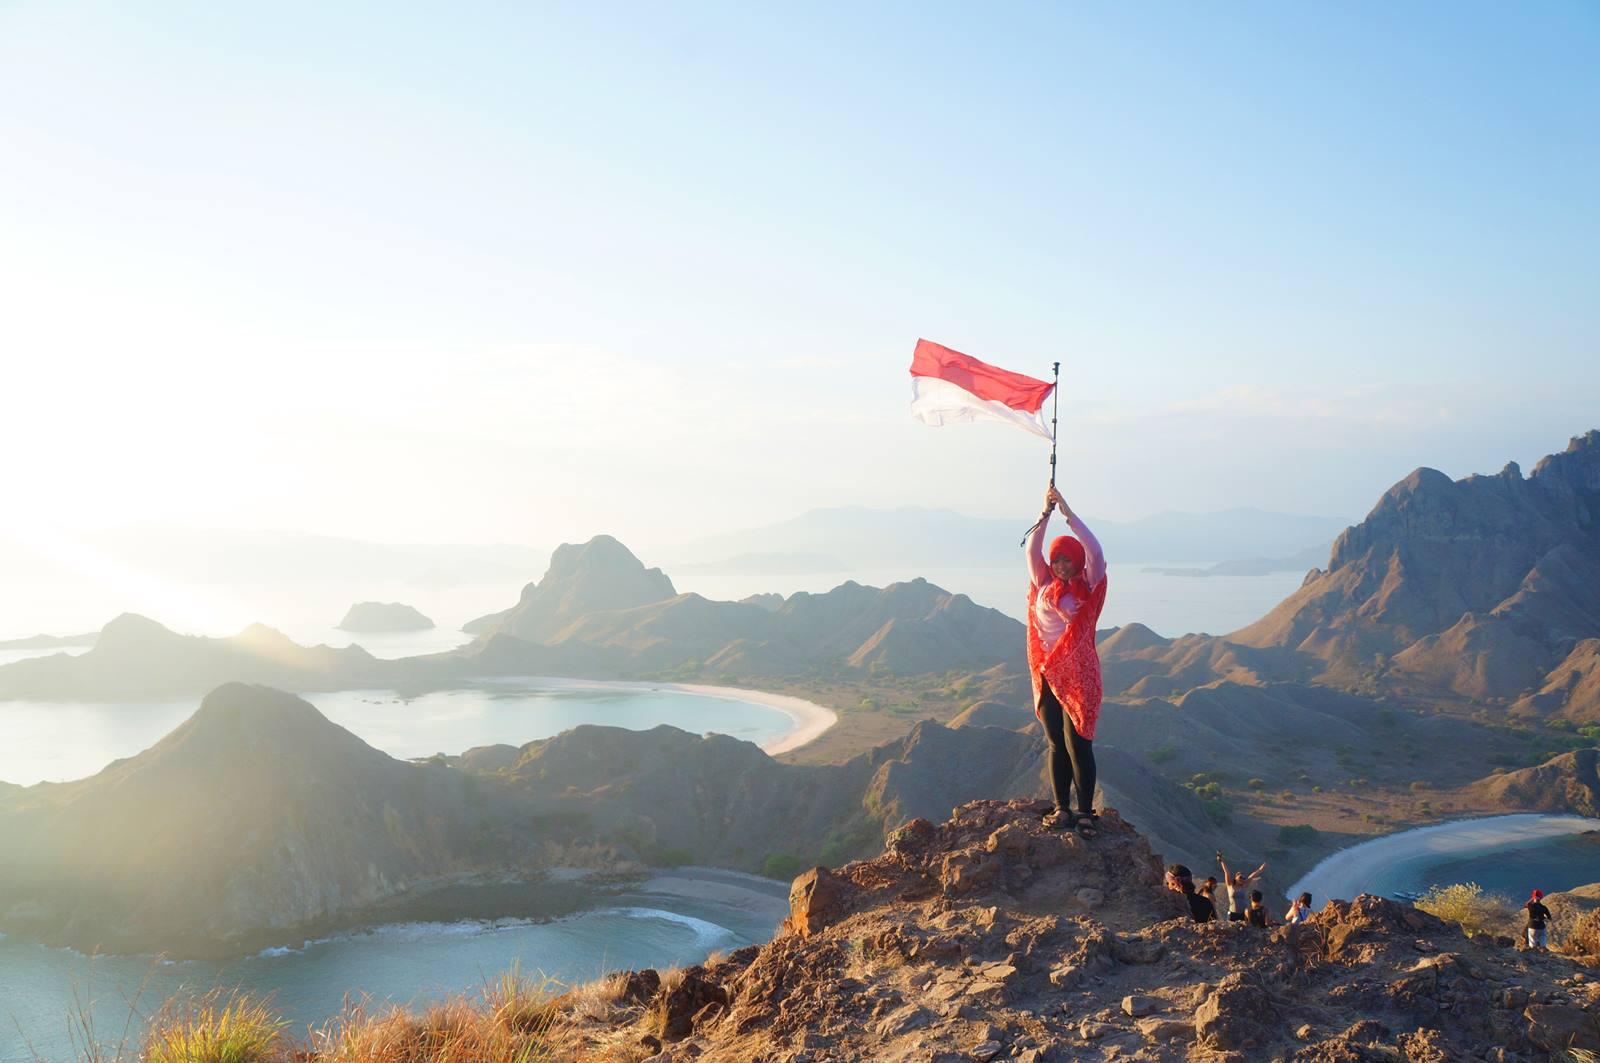 Perlu Ide Liburan? Tempat - Tempat Di Indonesia Ini Adalah Tempat Yang Sempurna Untuk Berlibur!